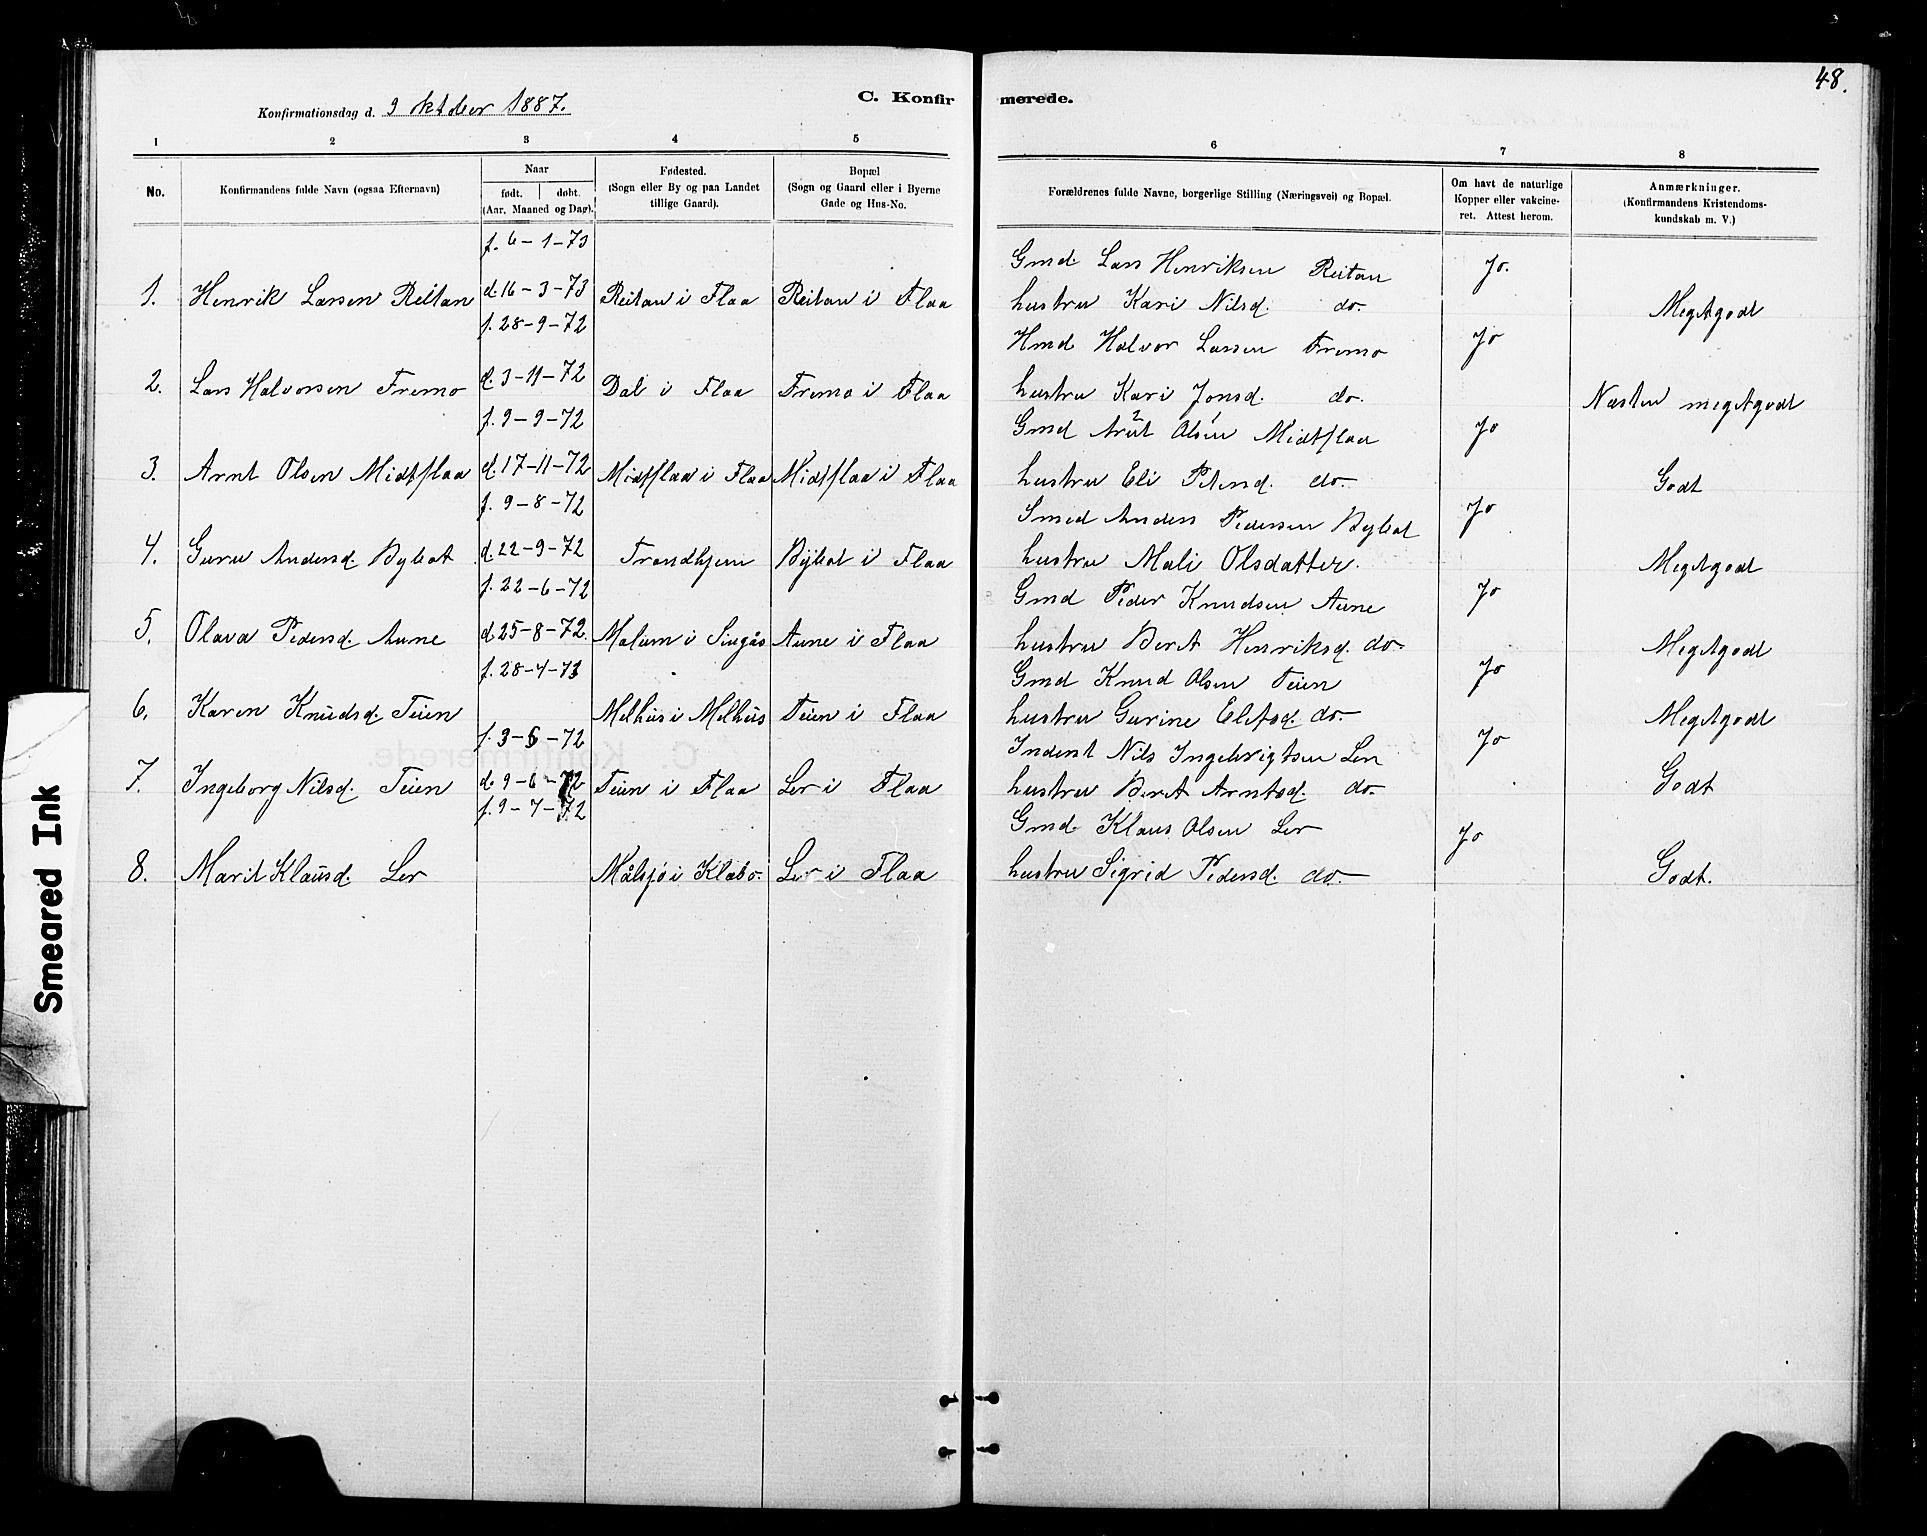 SAT, Ministerialprotokoller, klokkerbøker og fødselsregistre - Sør-Trøndelag, 693/L1123: Klokkerbok nr. 693C04, 1887-1910, s. 48